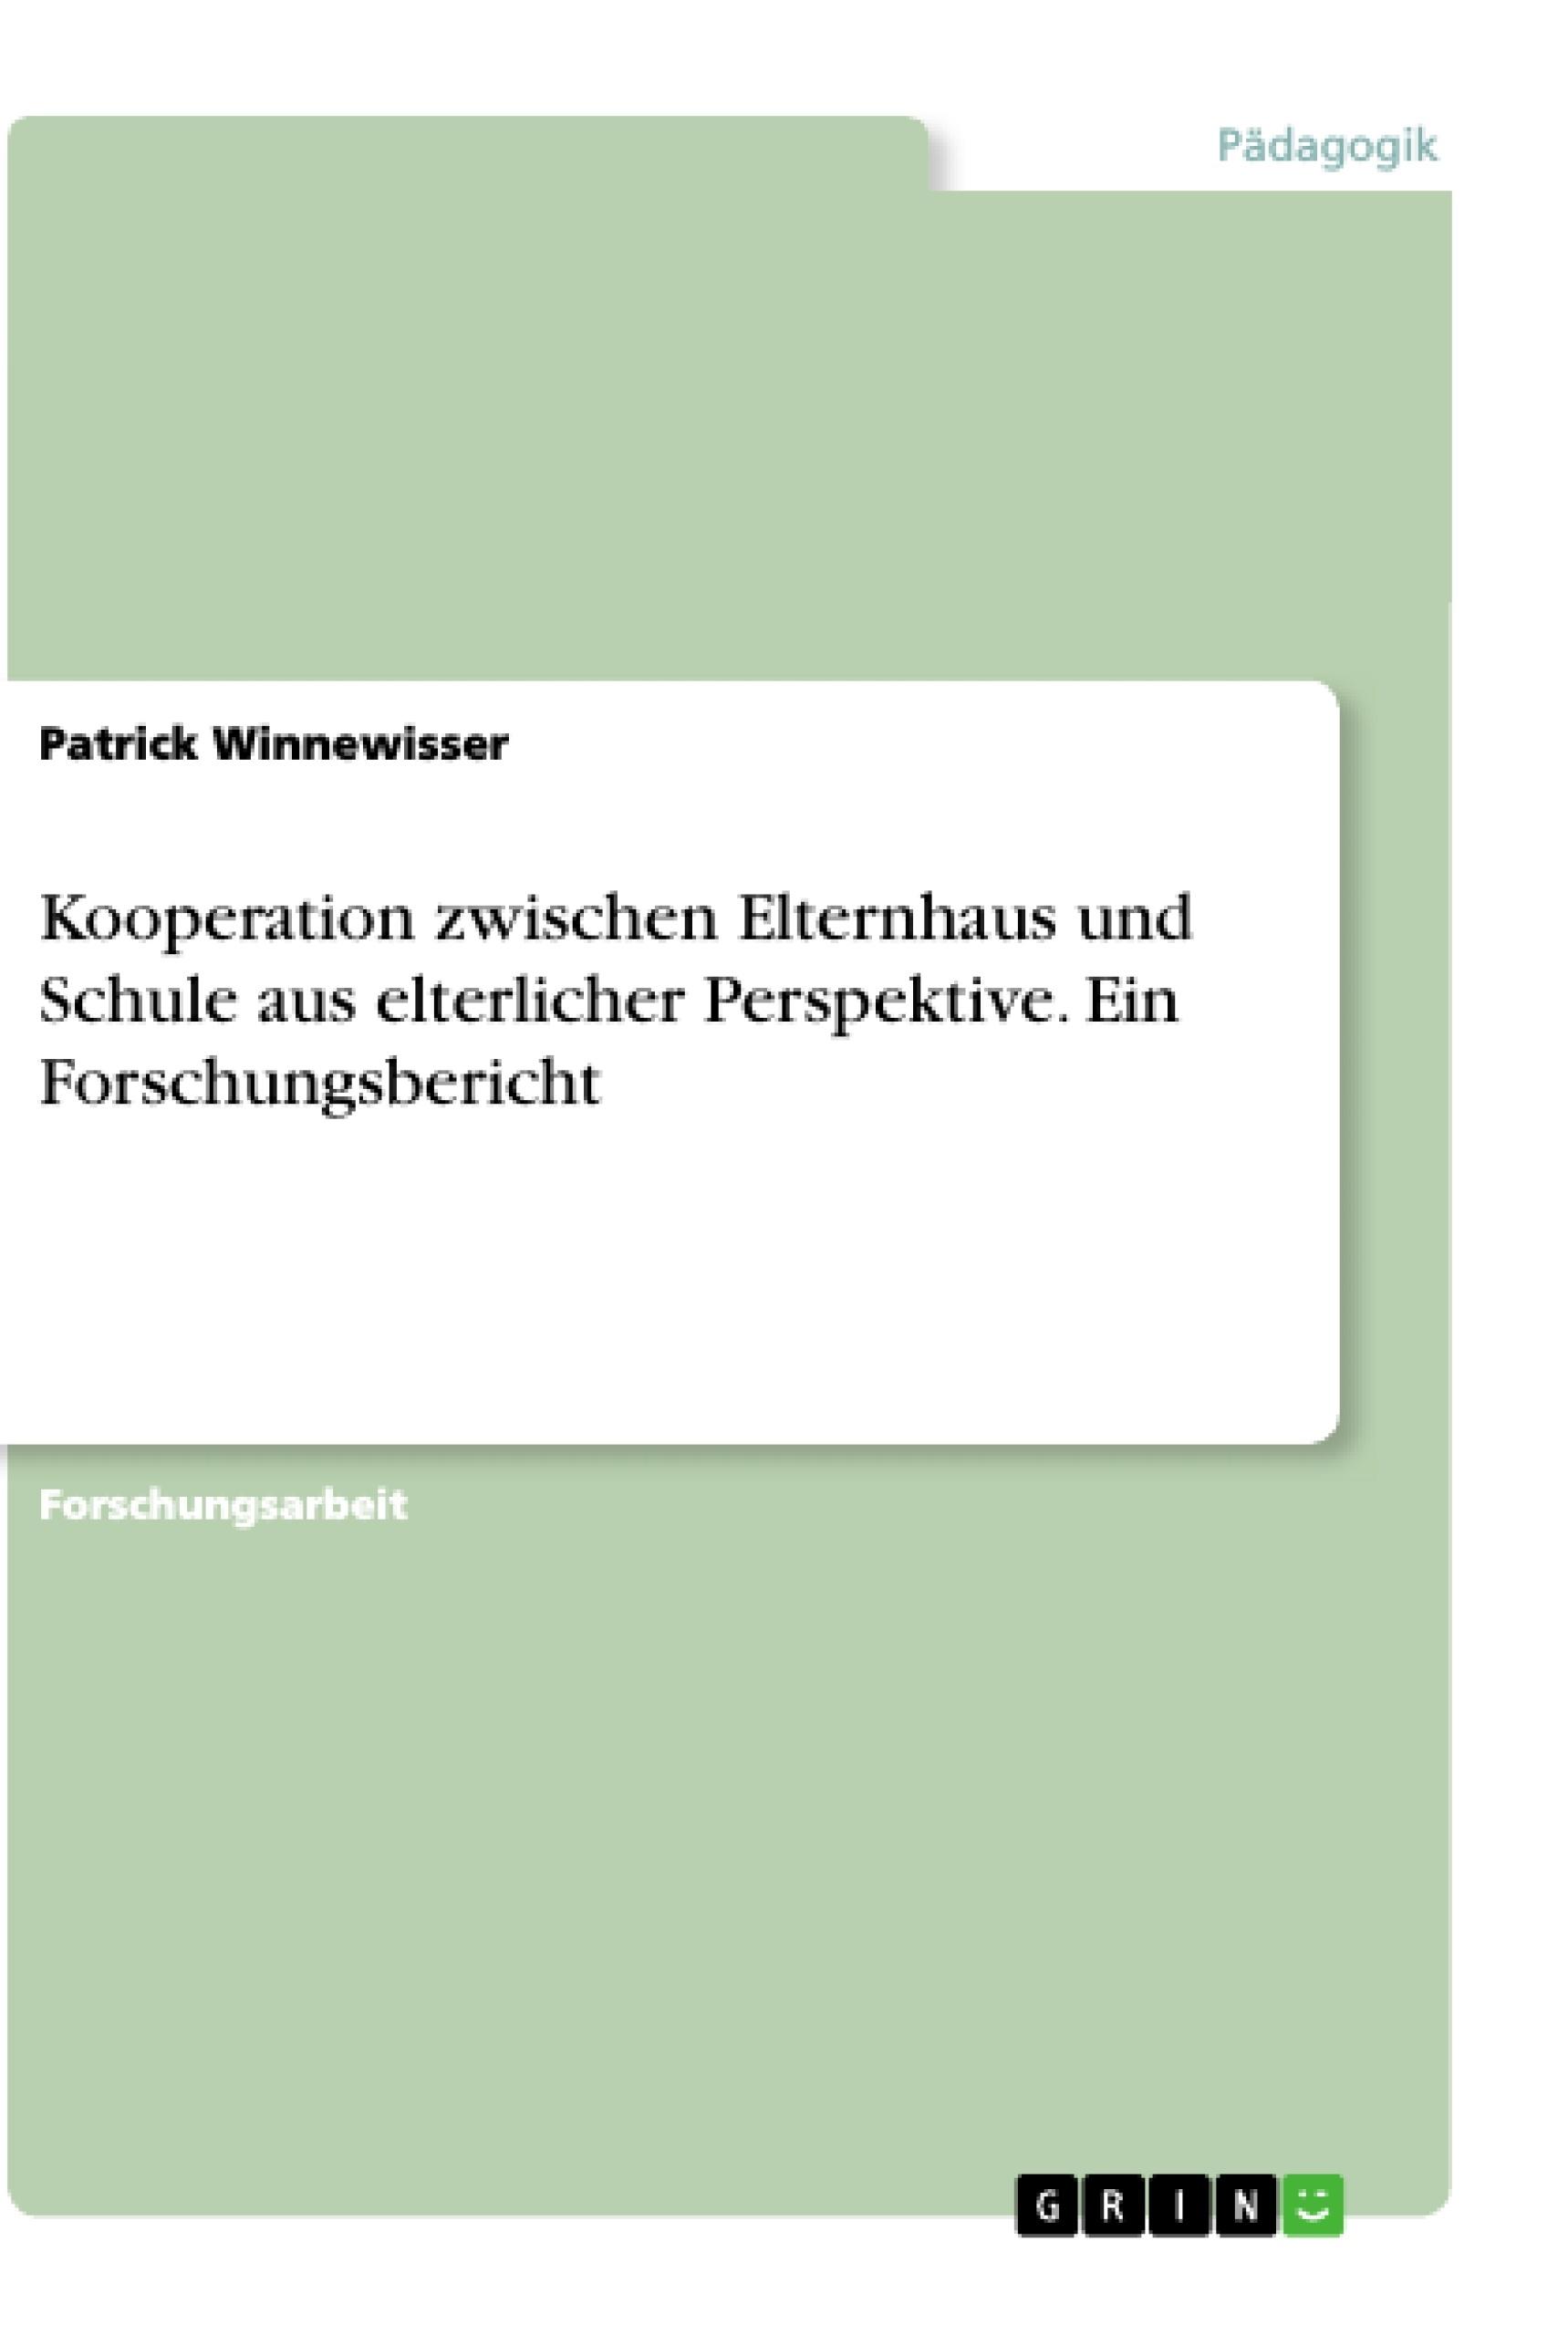 Titel: Kooperation zwischen Elternhaus und Schule aus elterlicher Perspektive. Ein Forschungsbericht